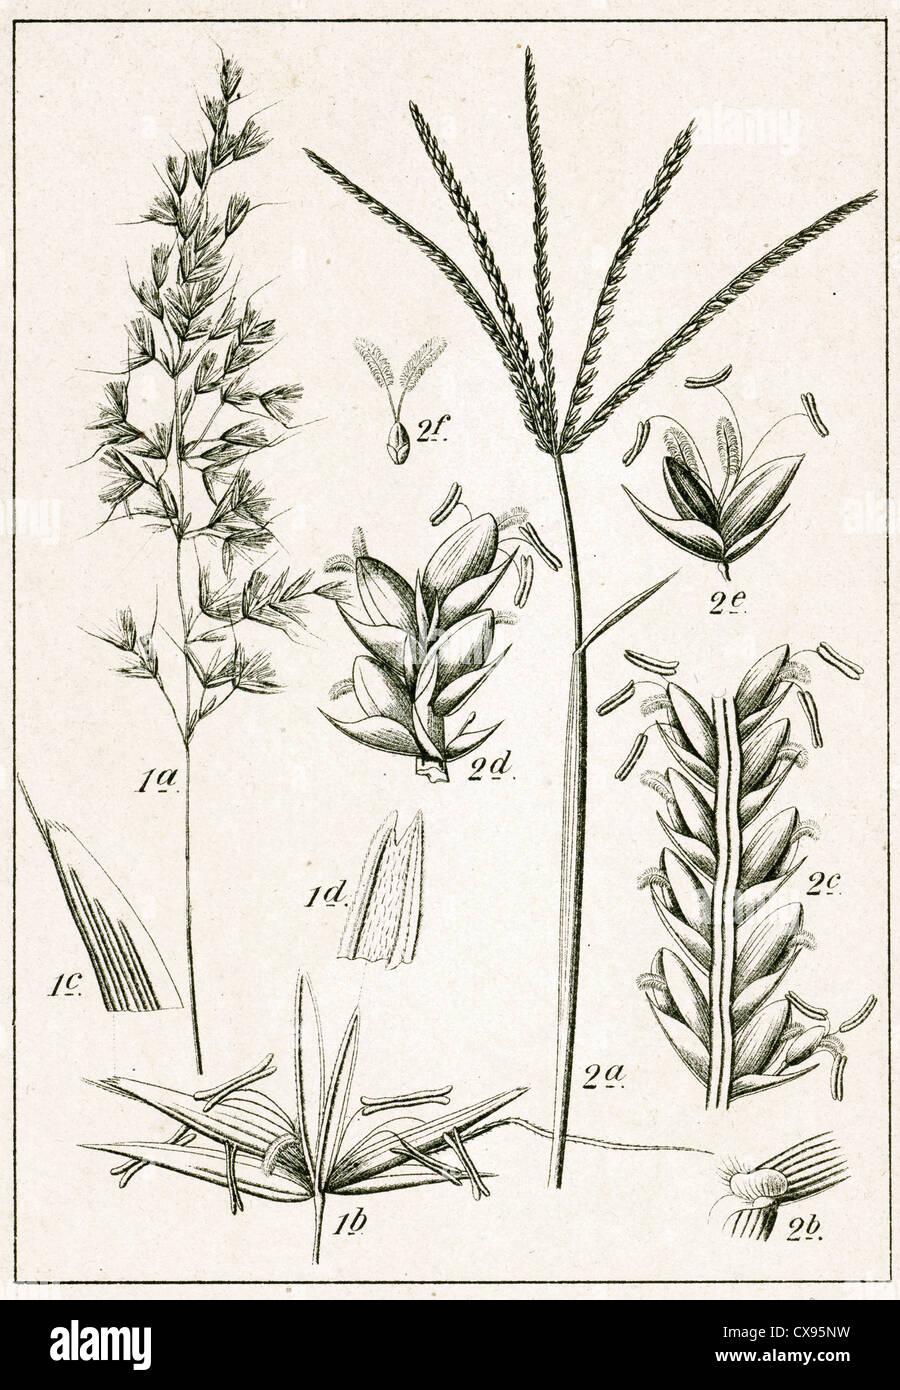 Arrhenatherum elatius - Cynodon dactylon - Stock Image